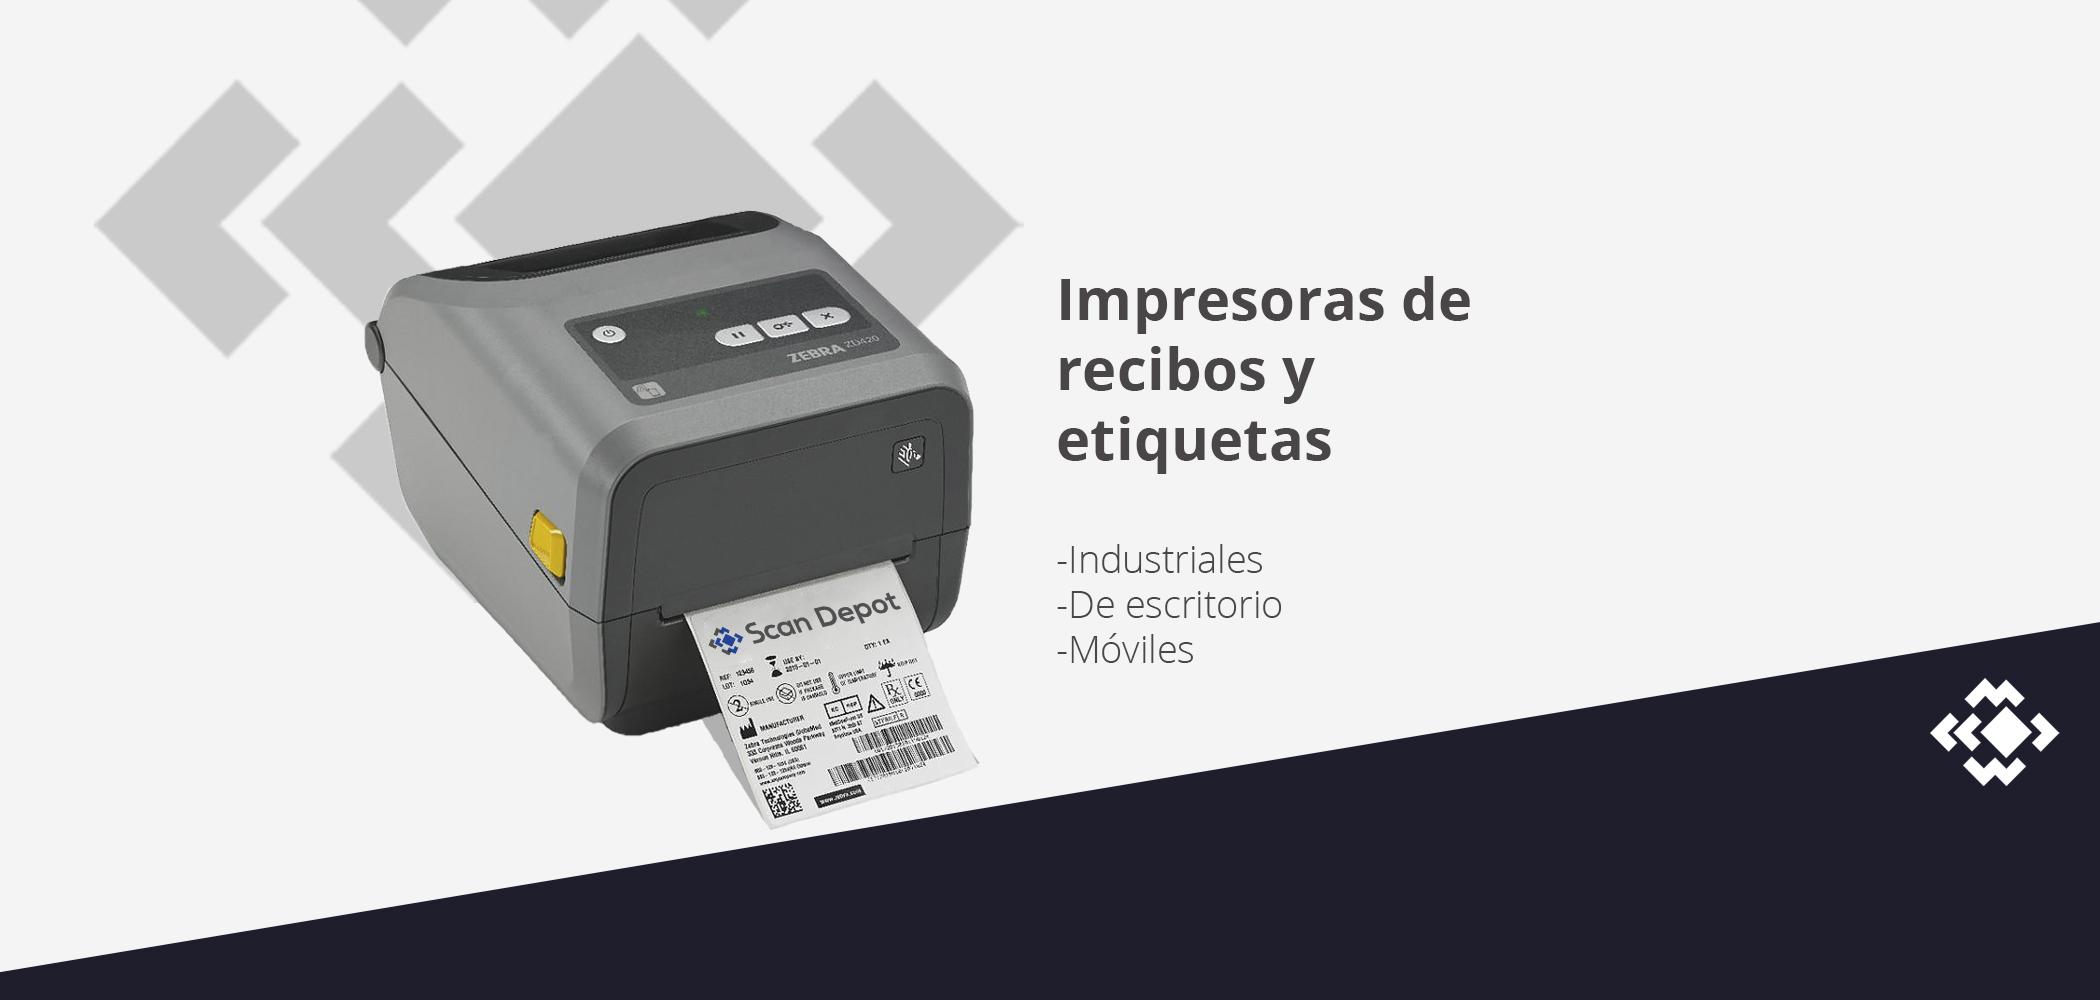 Impresoras de recibos y etiquetas